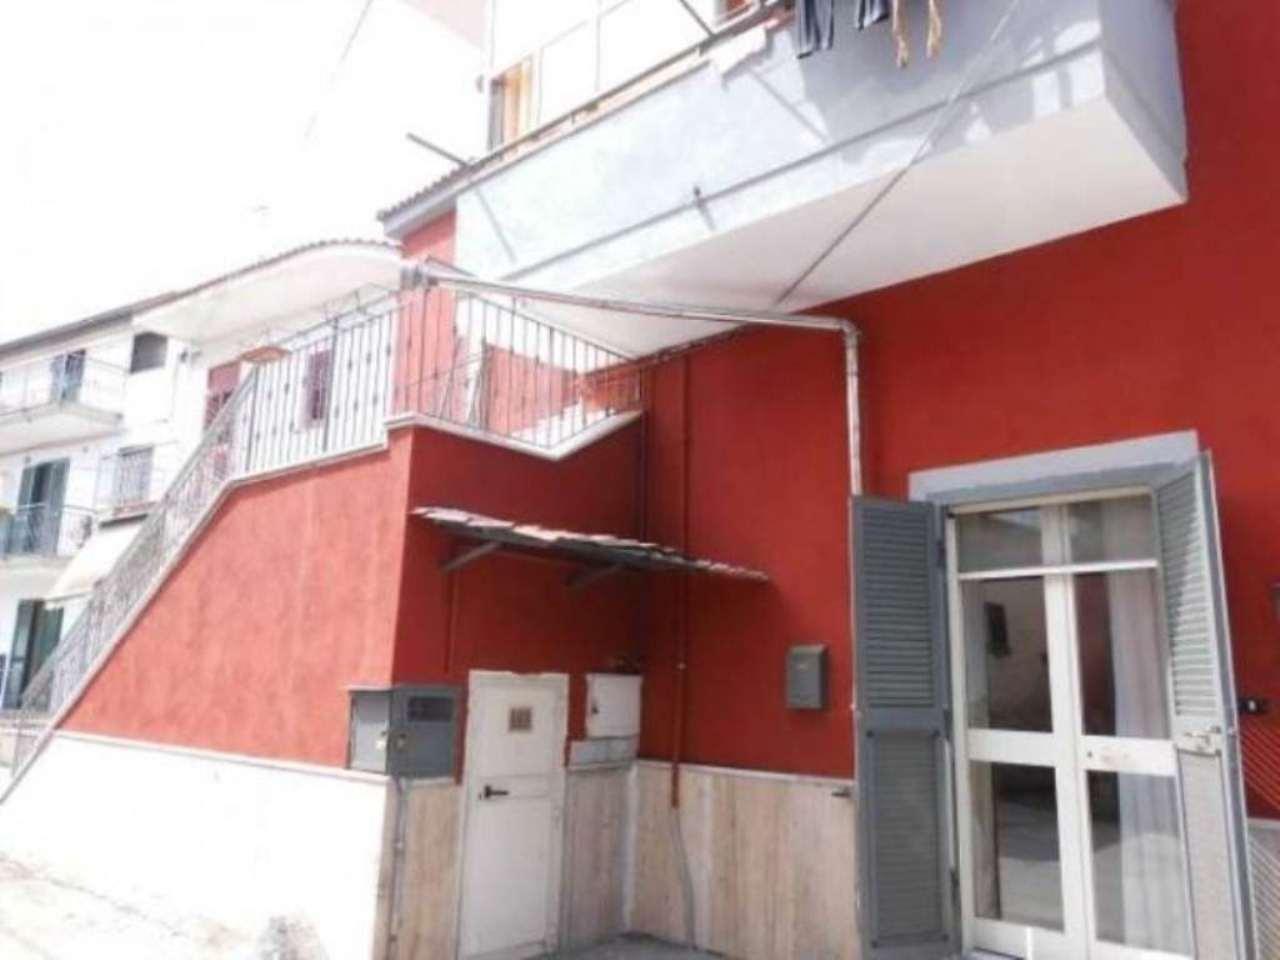 Soluzione Indipendente in vendita a Marigliano, 4 locali, prezzo € 95.000 | Cambio Casa.it